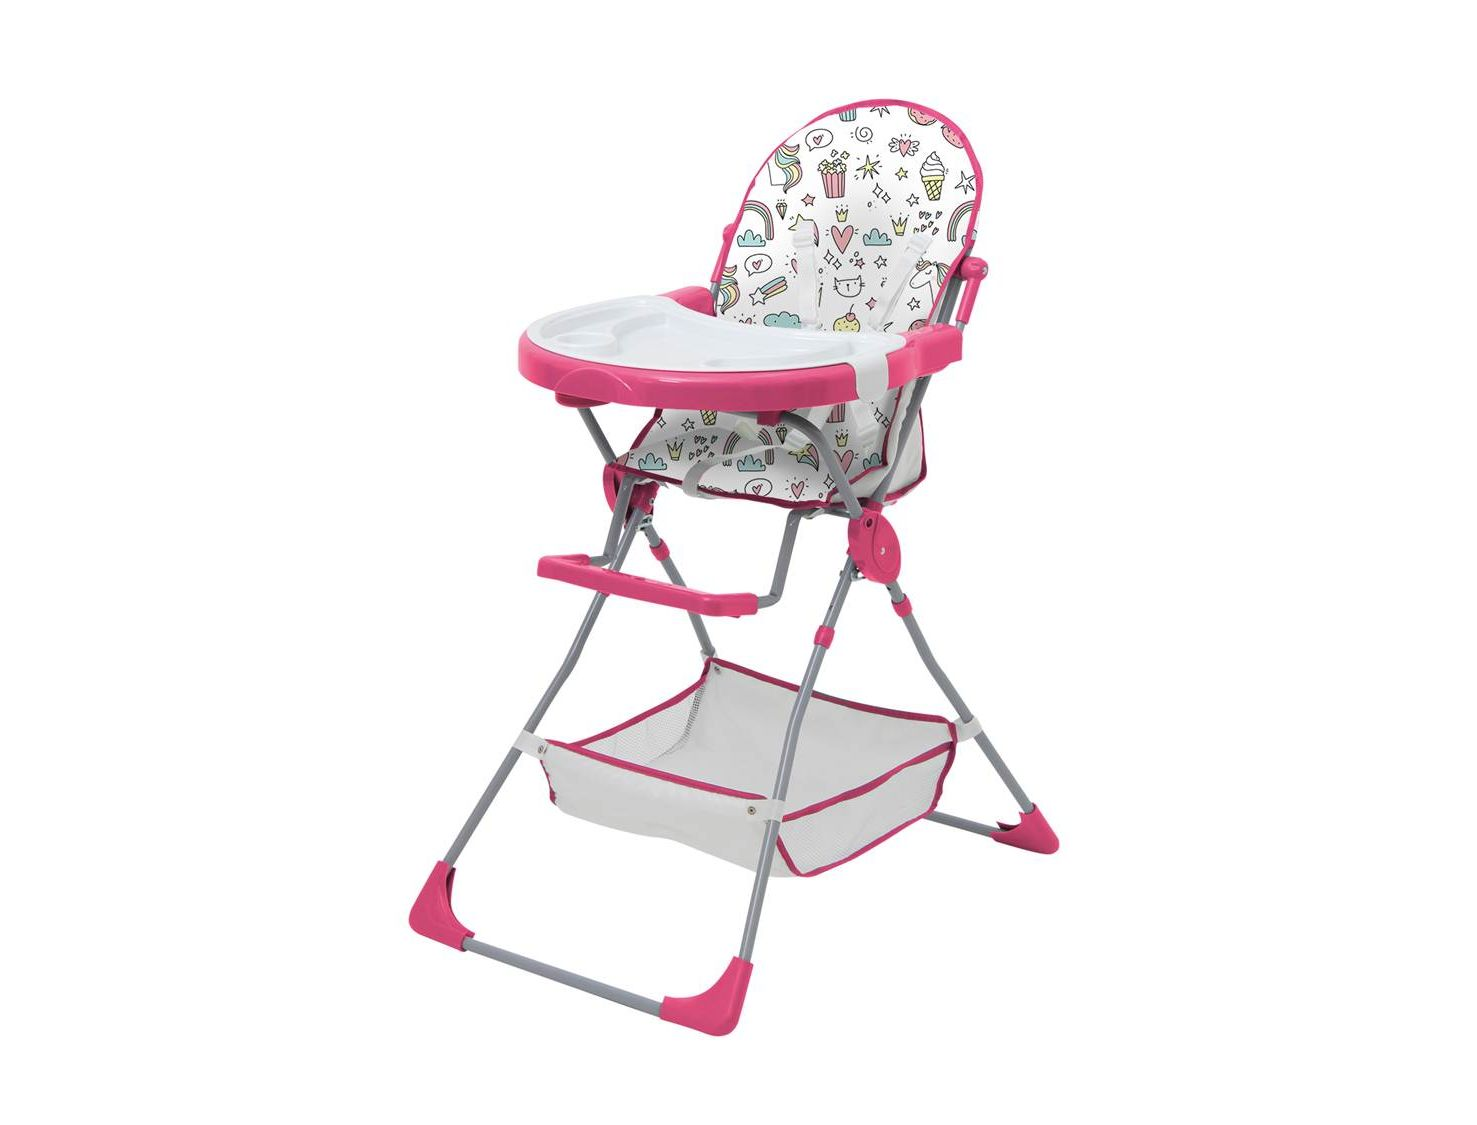 Стульчик для кормления Polini kids 252 Единорог Сладости, розовый